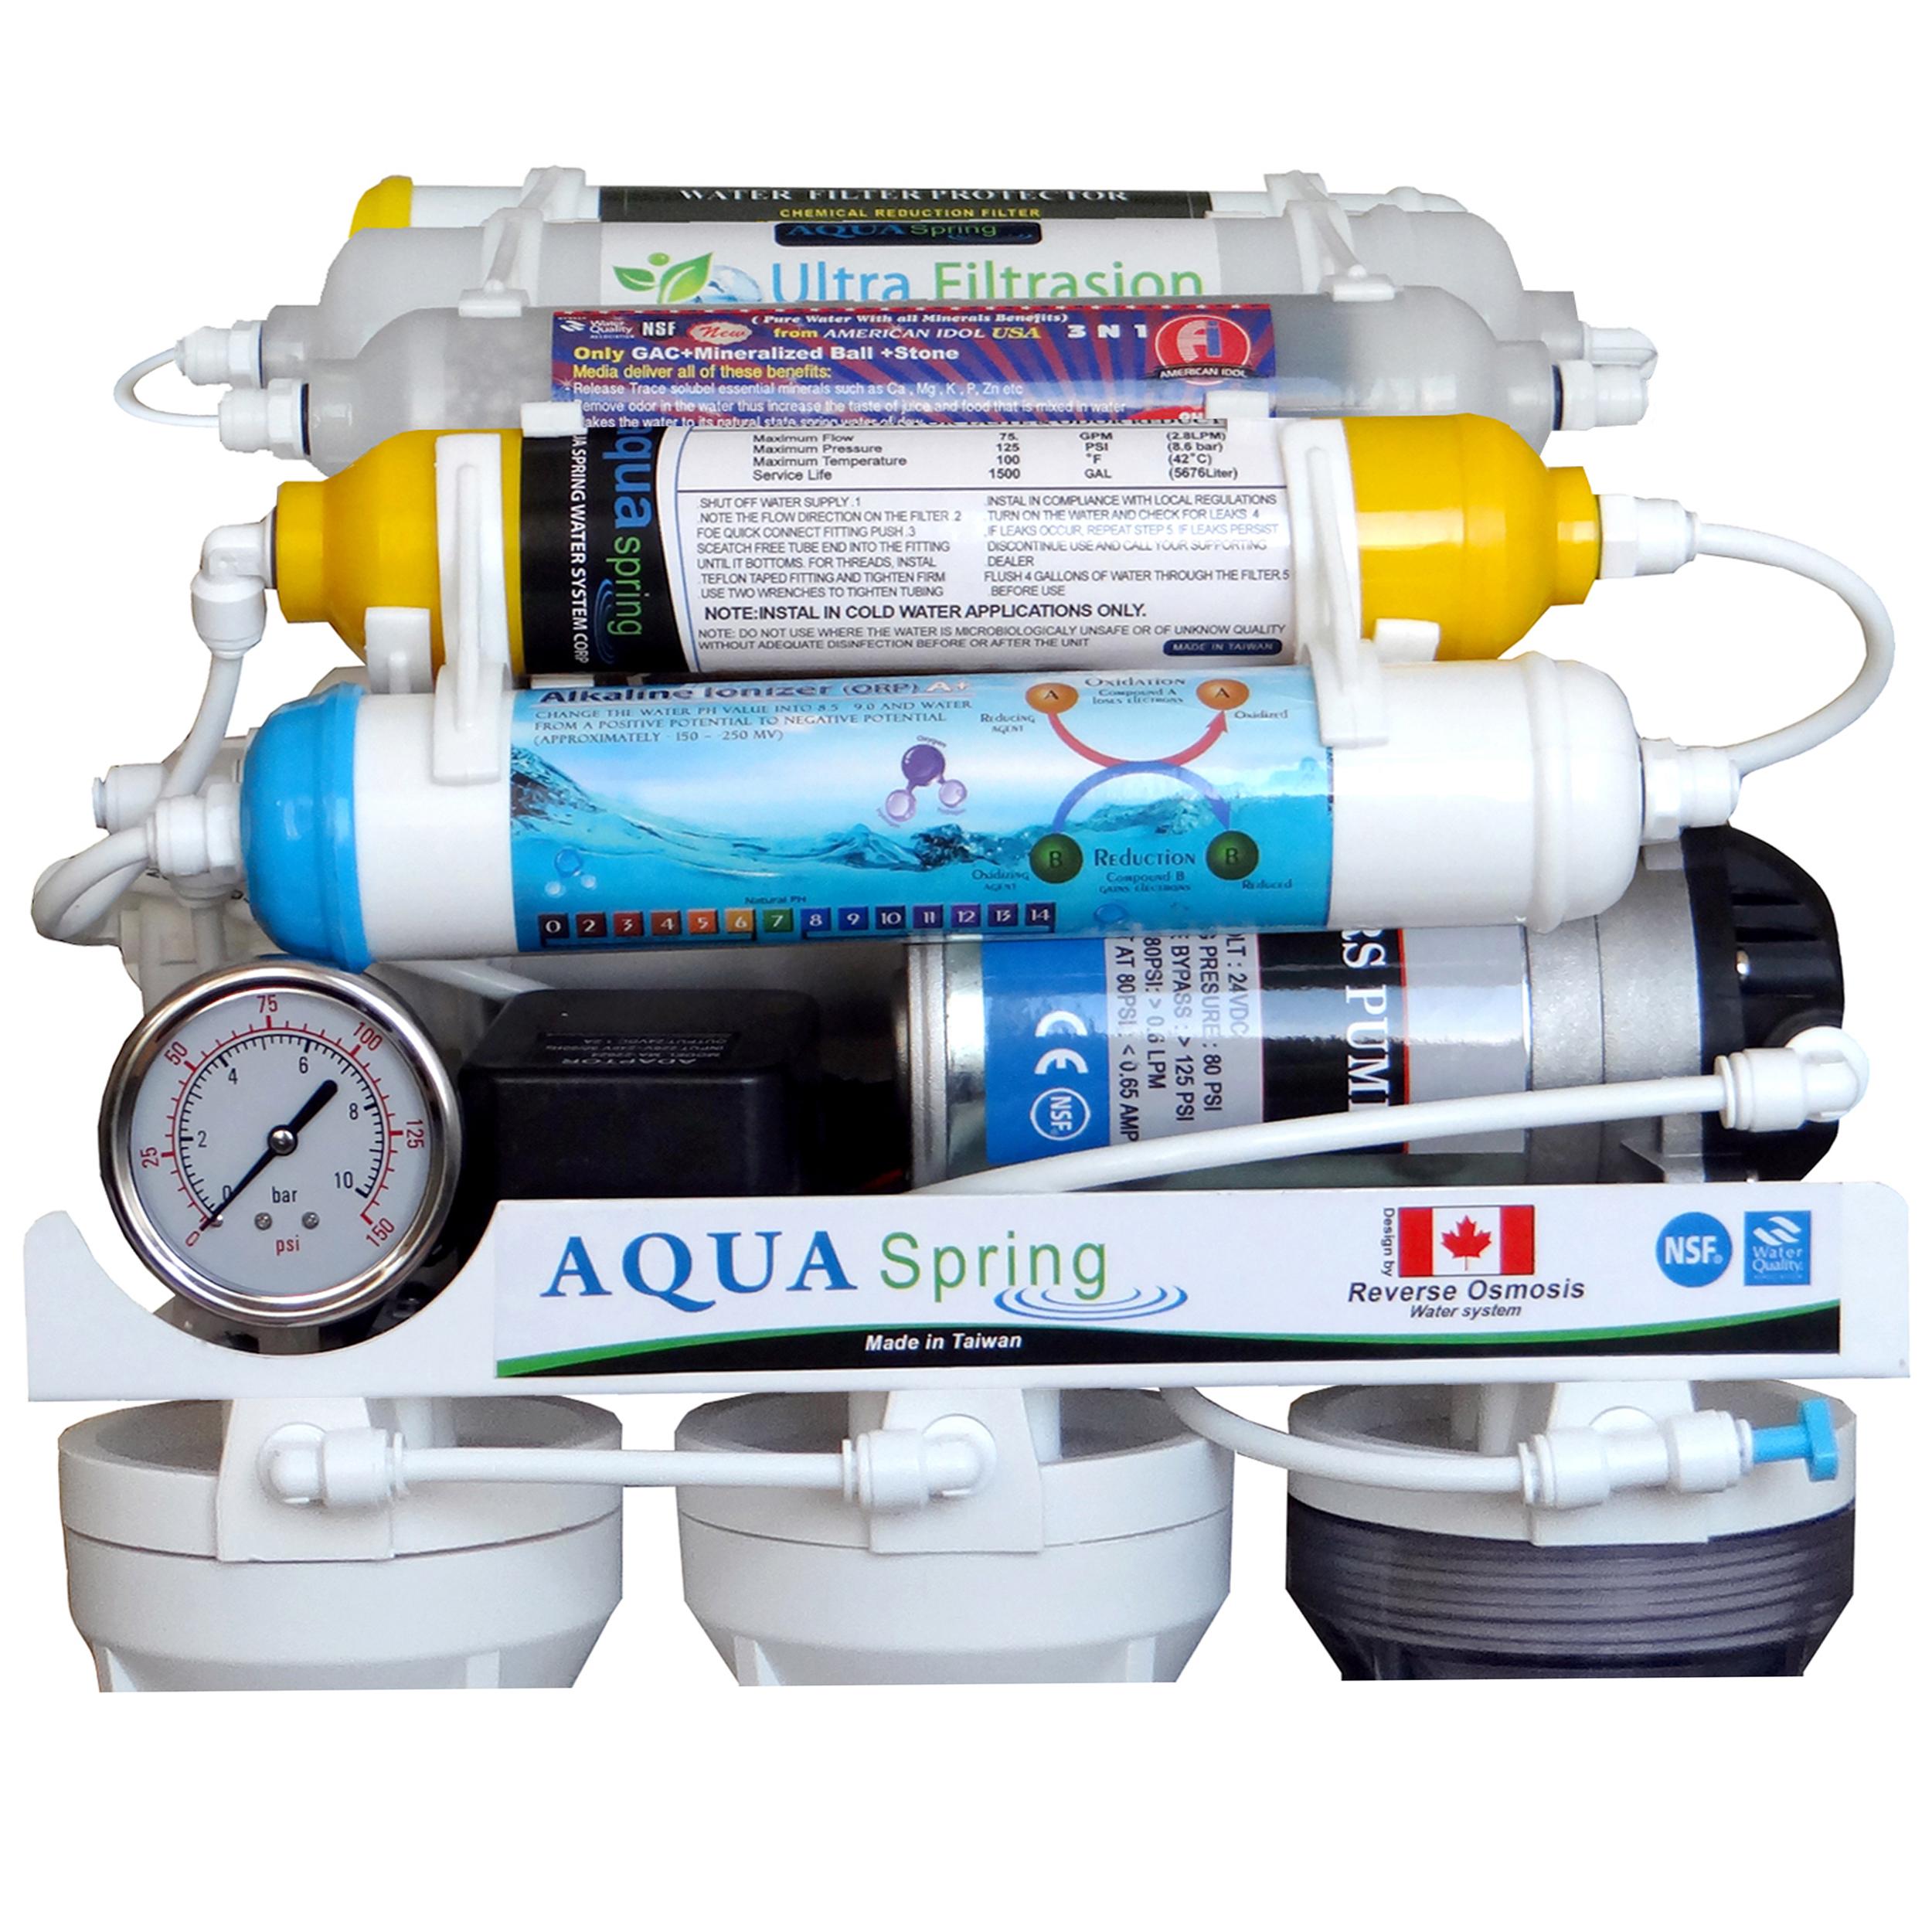 خرید اینترنتی دستگاه تصفیه کننده آب آکوآ اسپرینگ مدل RO-AF2200 با قیمت مناسب